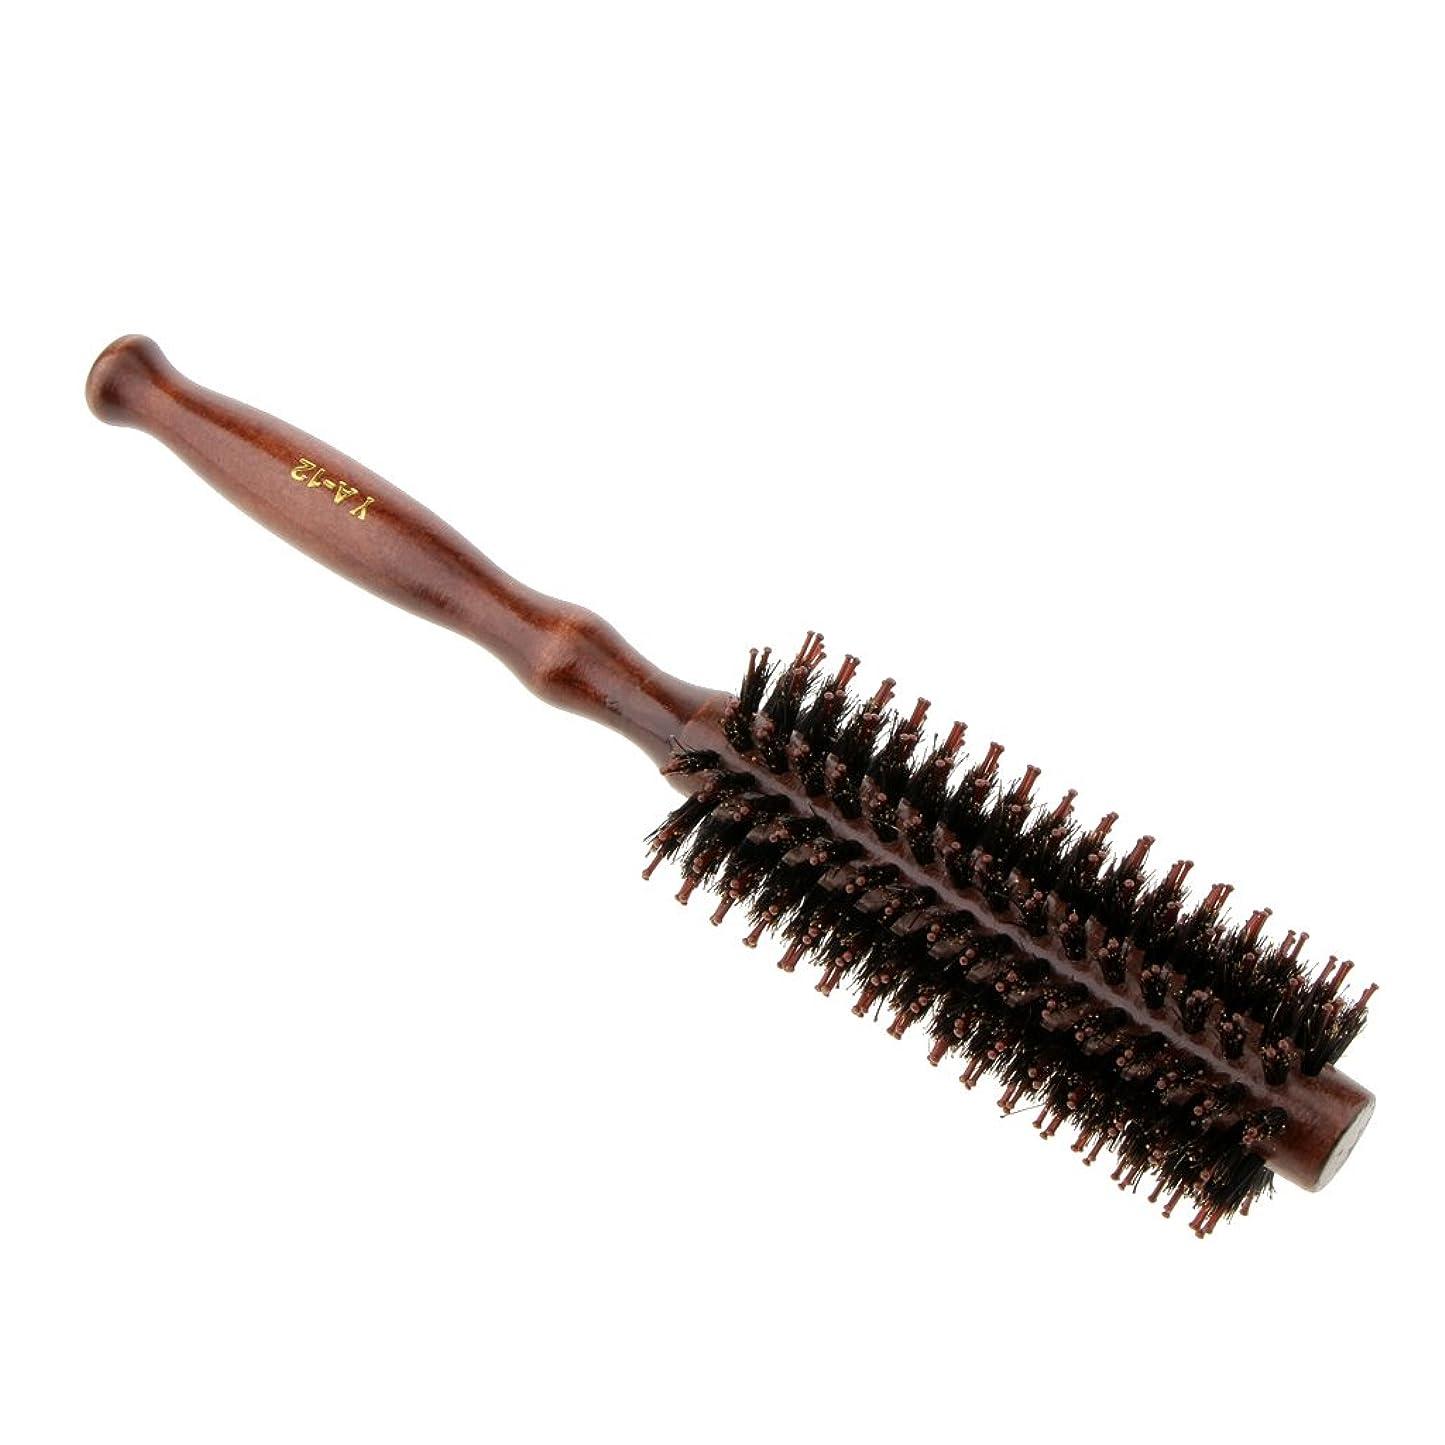 ますますブラスト受動的Kesoto ロールブラシ ヘアブラシ 木製ハンドル 滑らか カール 巻き髪 頭皮マッサージ くし 櫛 2タイプ選べる - #2